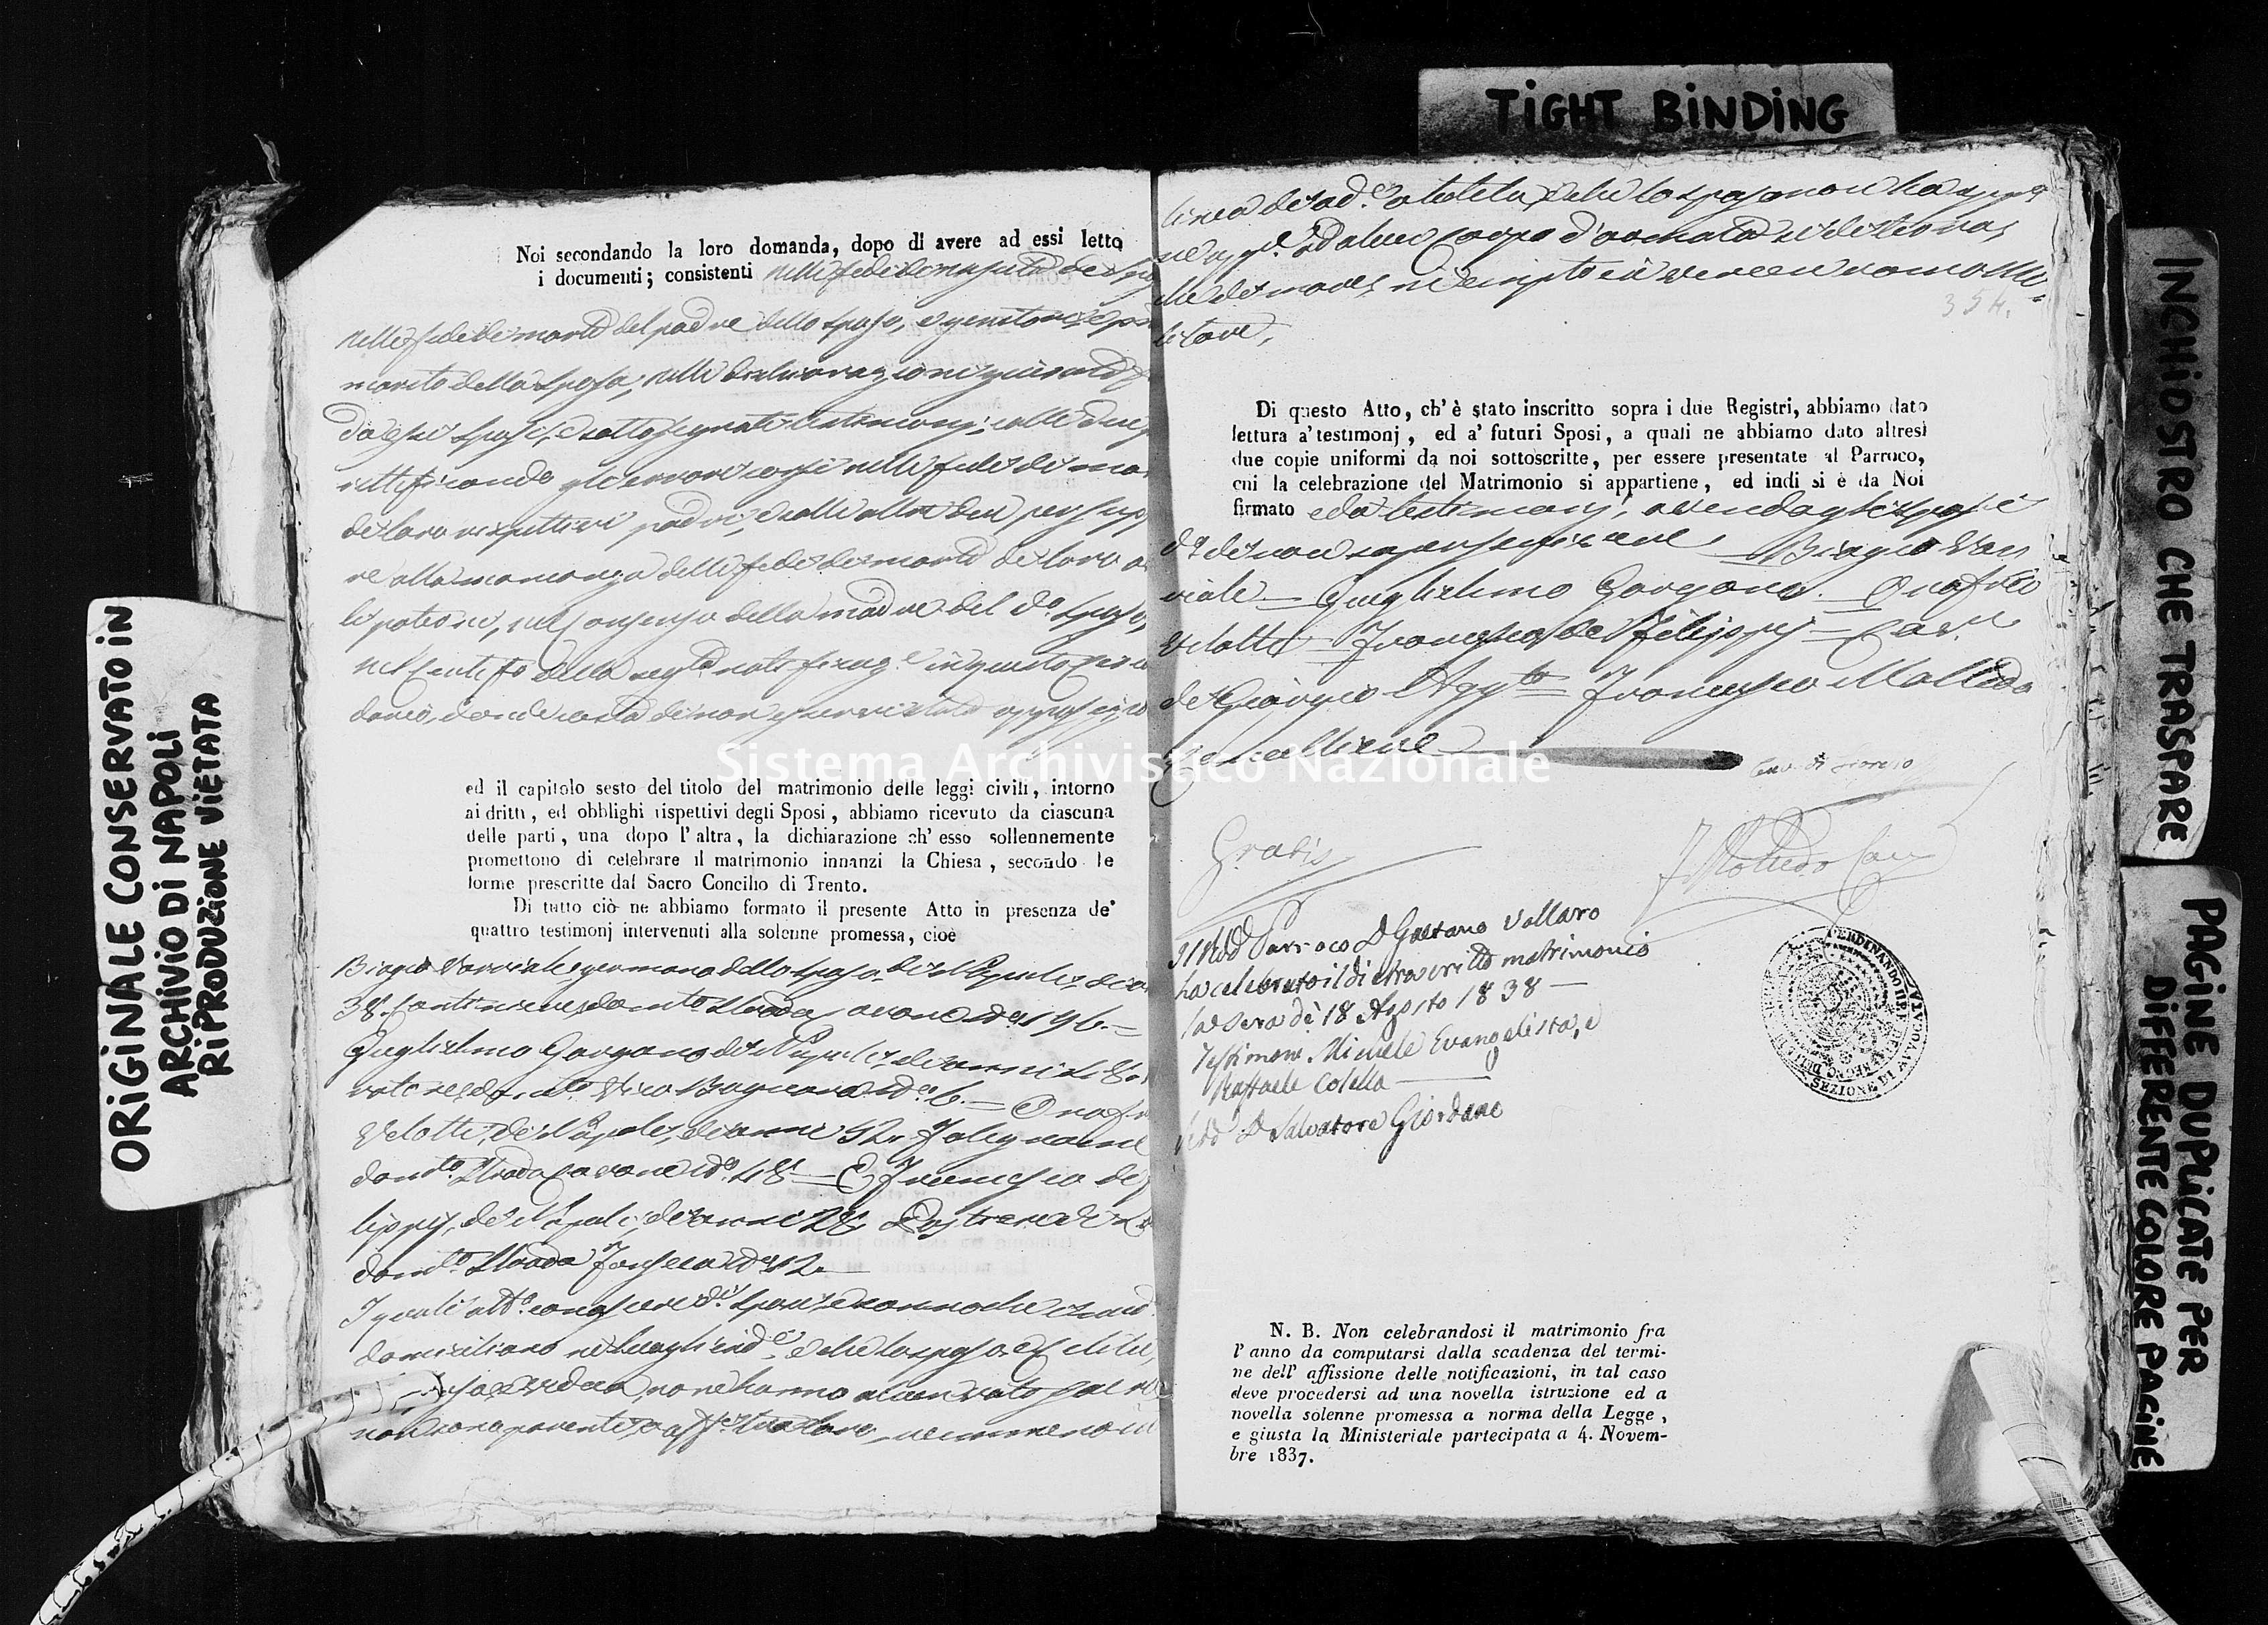 Archivio di stato di Napoli - Stato civile della restaurazione - Avvocata - Matrimoni, ecclesiastici - 1838 -